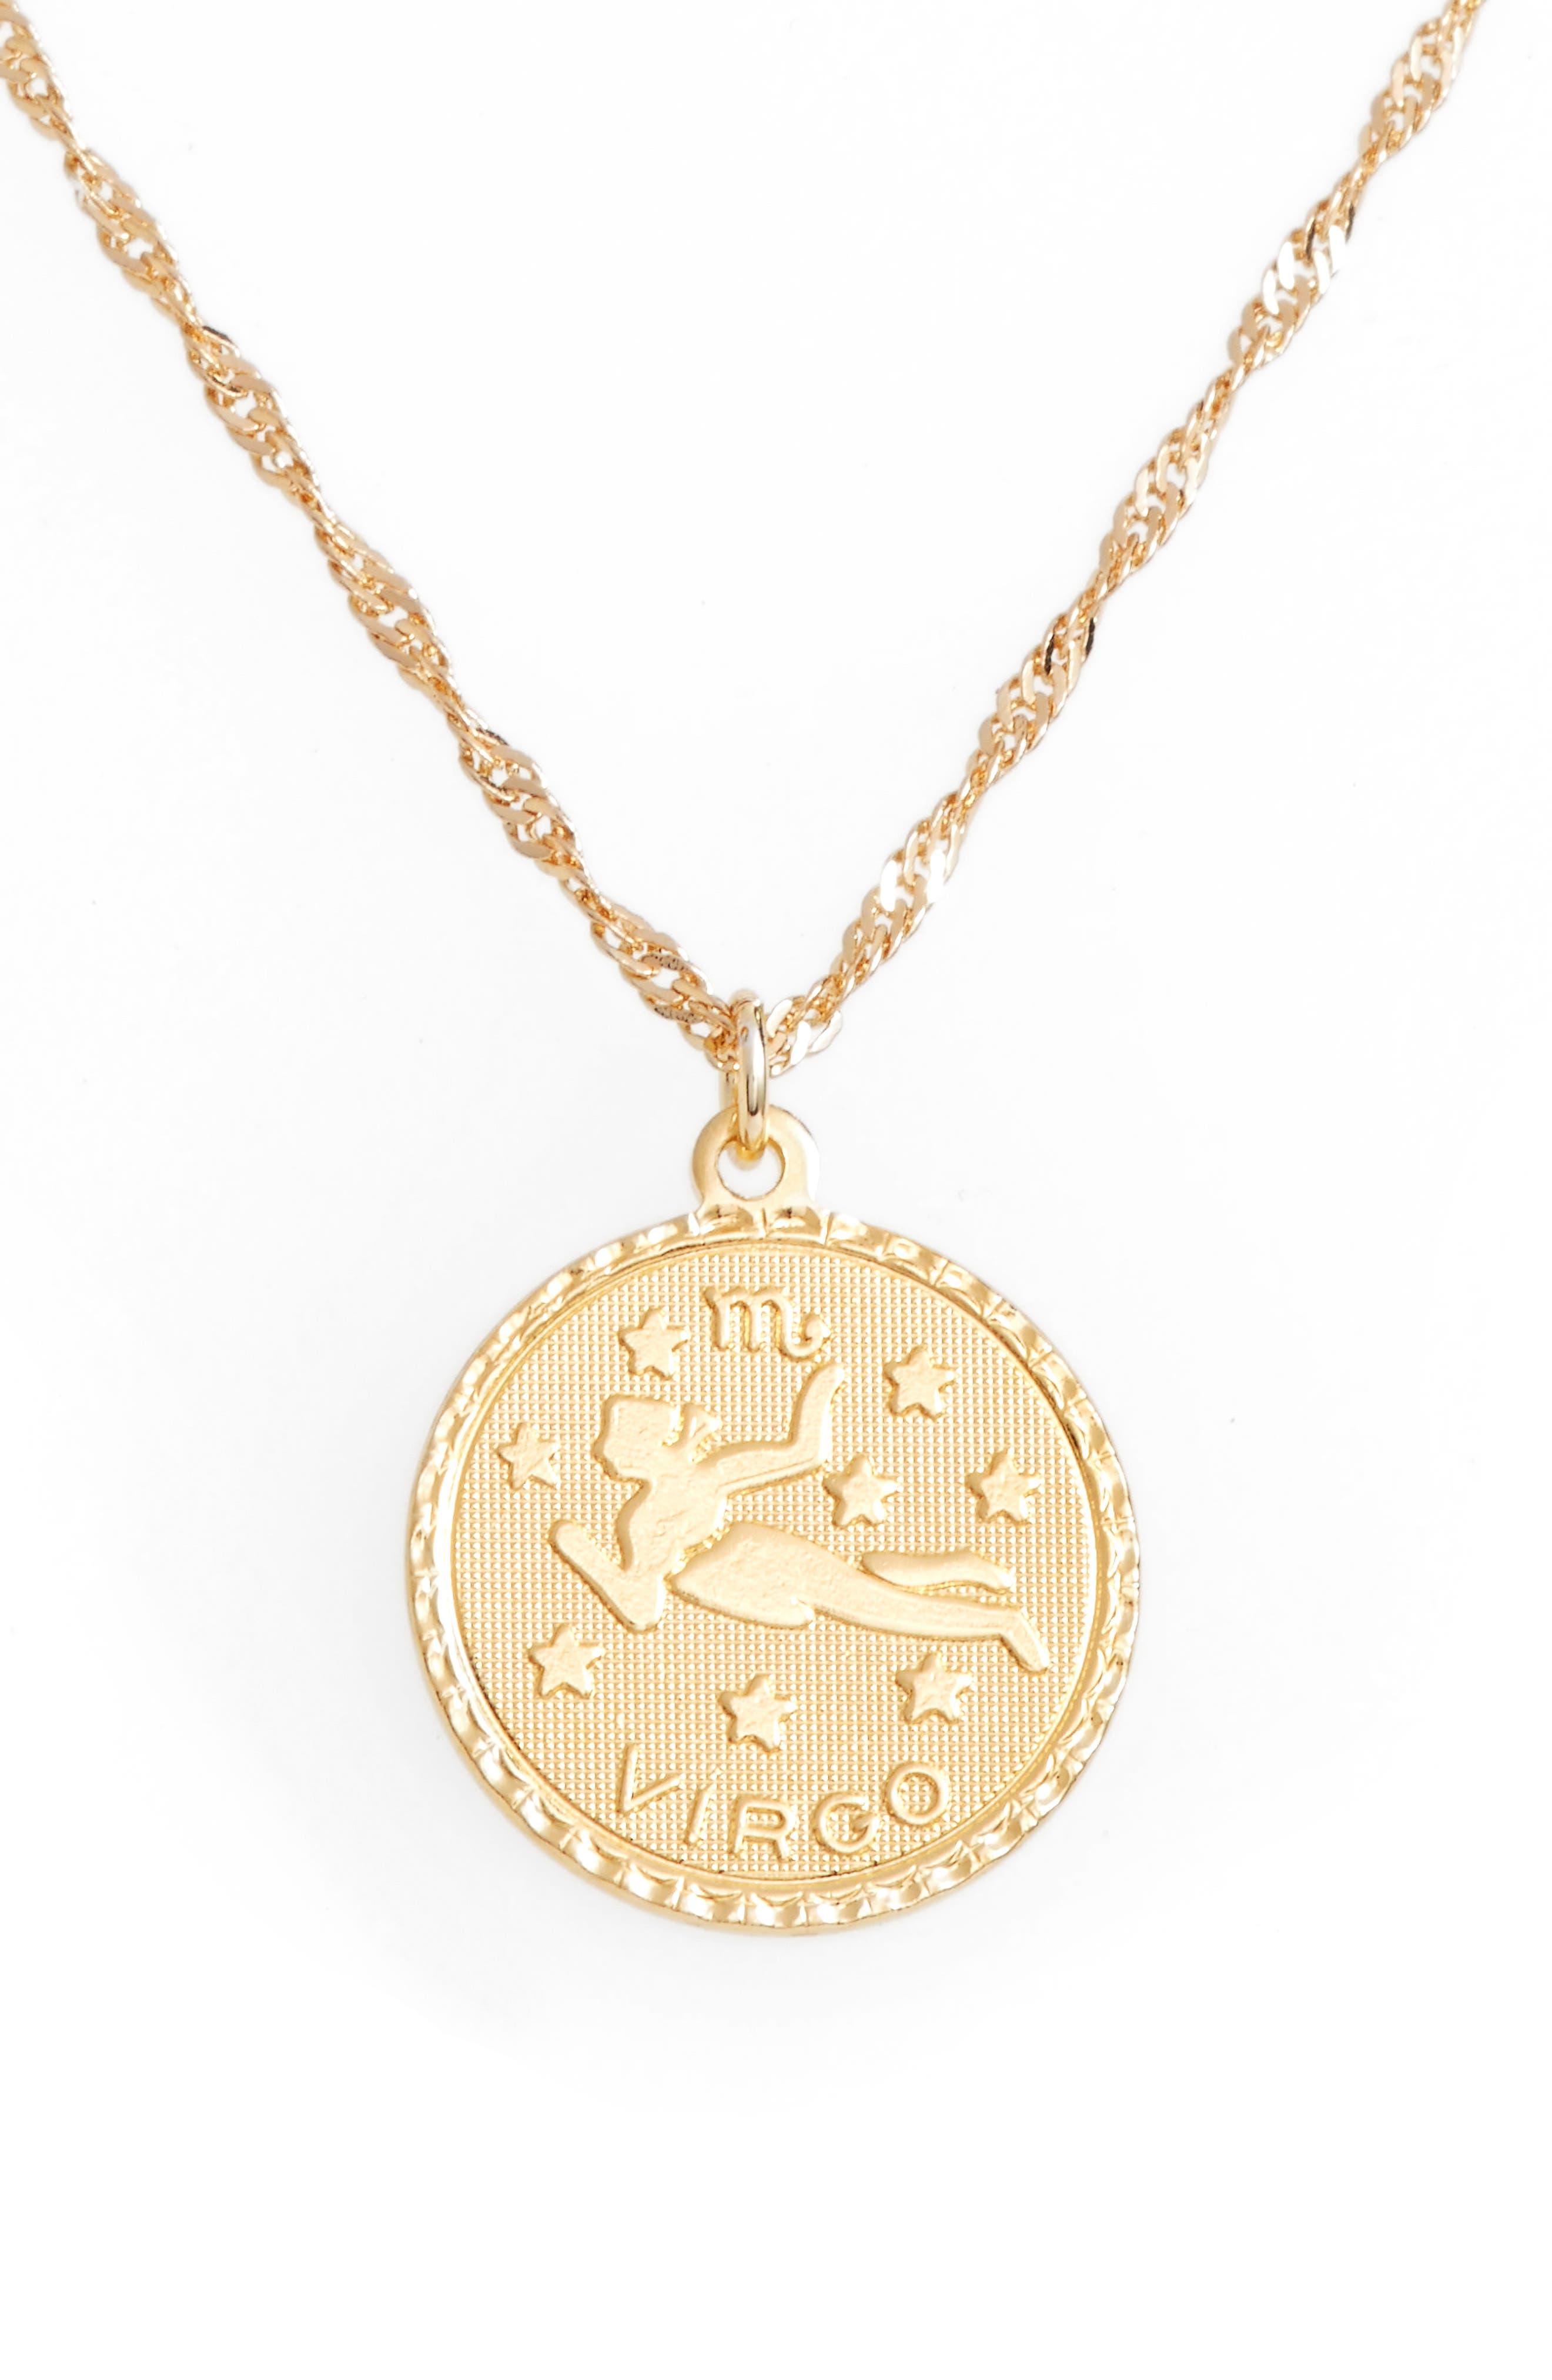 Main Image - CAM Ascending Virgo Pendant Necklace